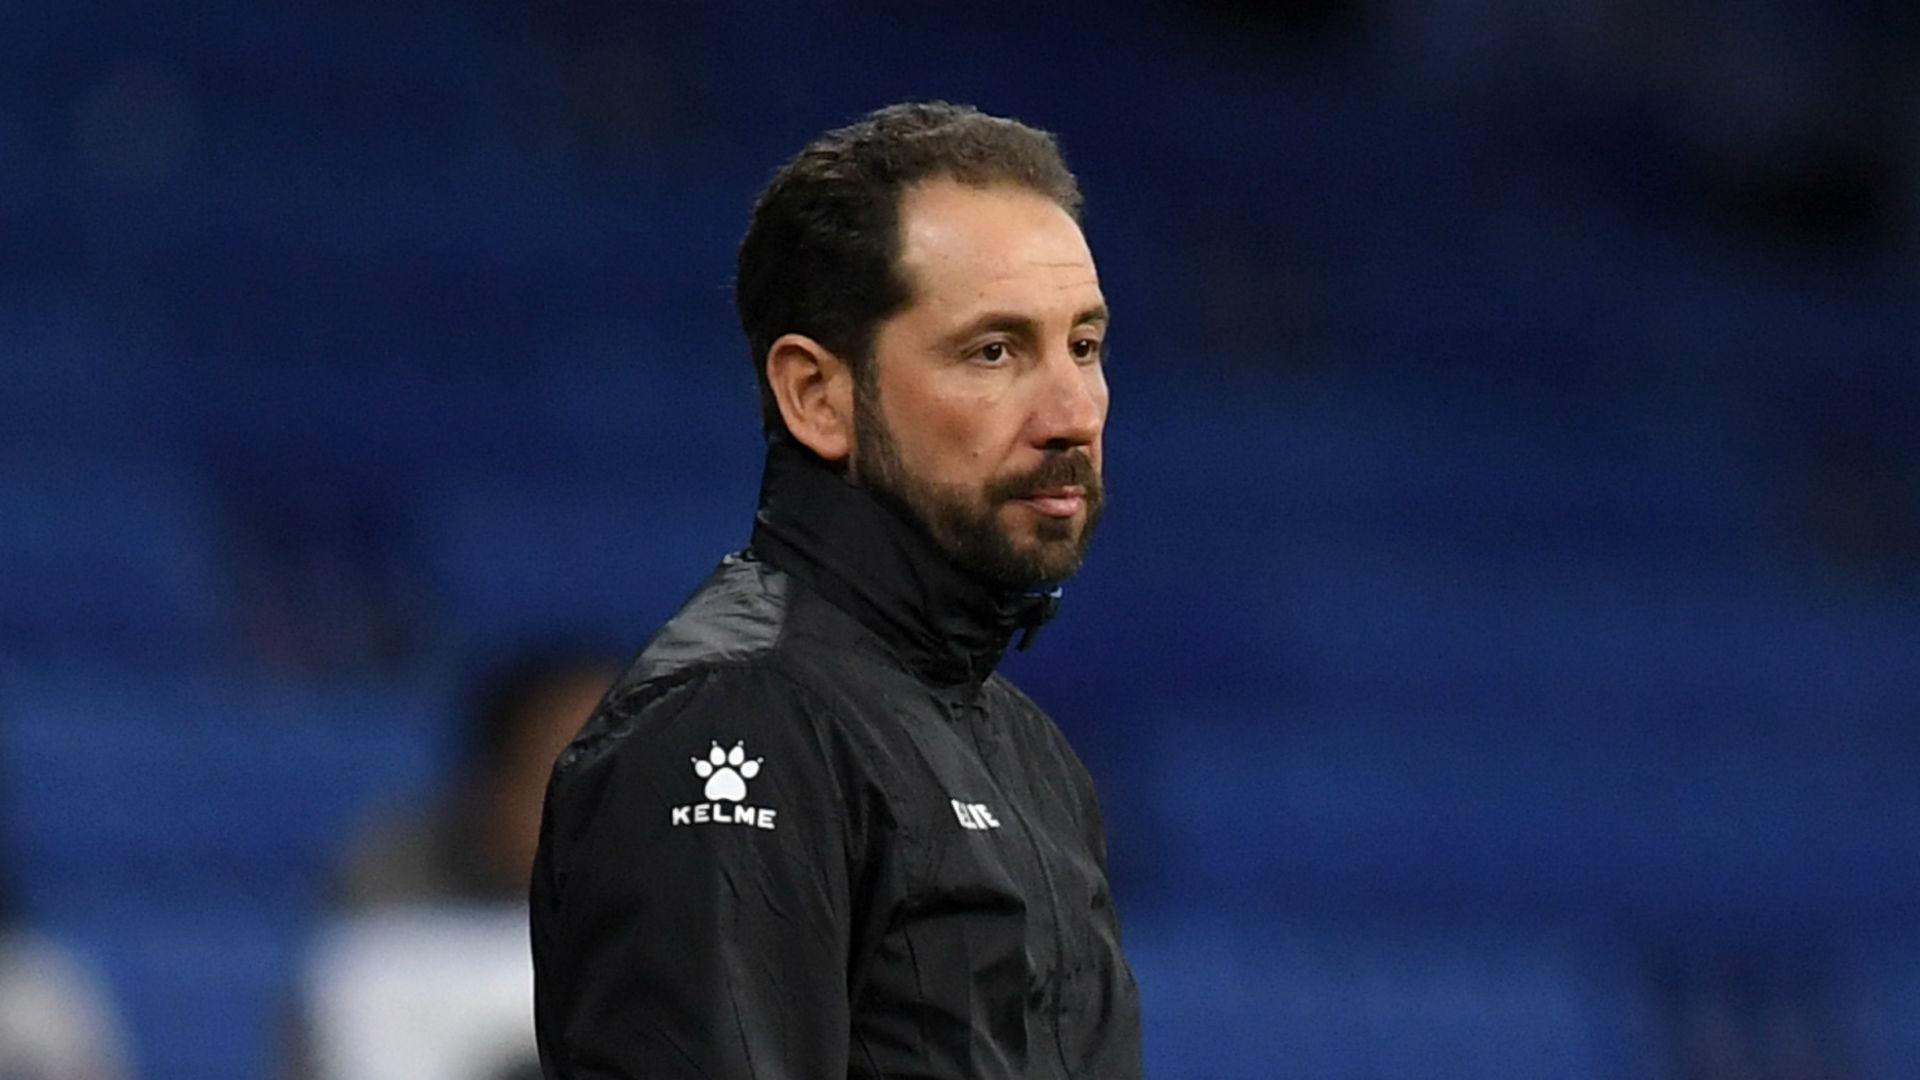 Alaves appoint Machin as head coach